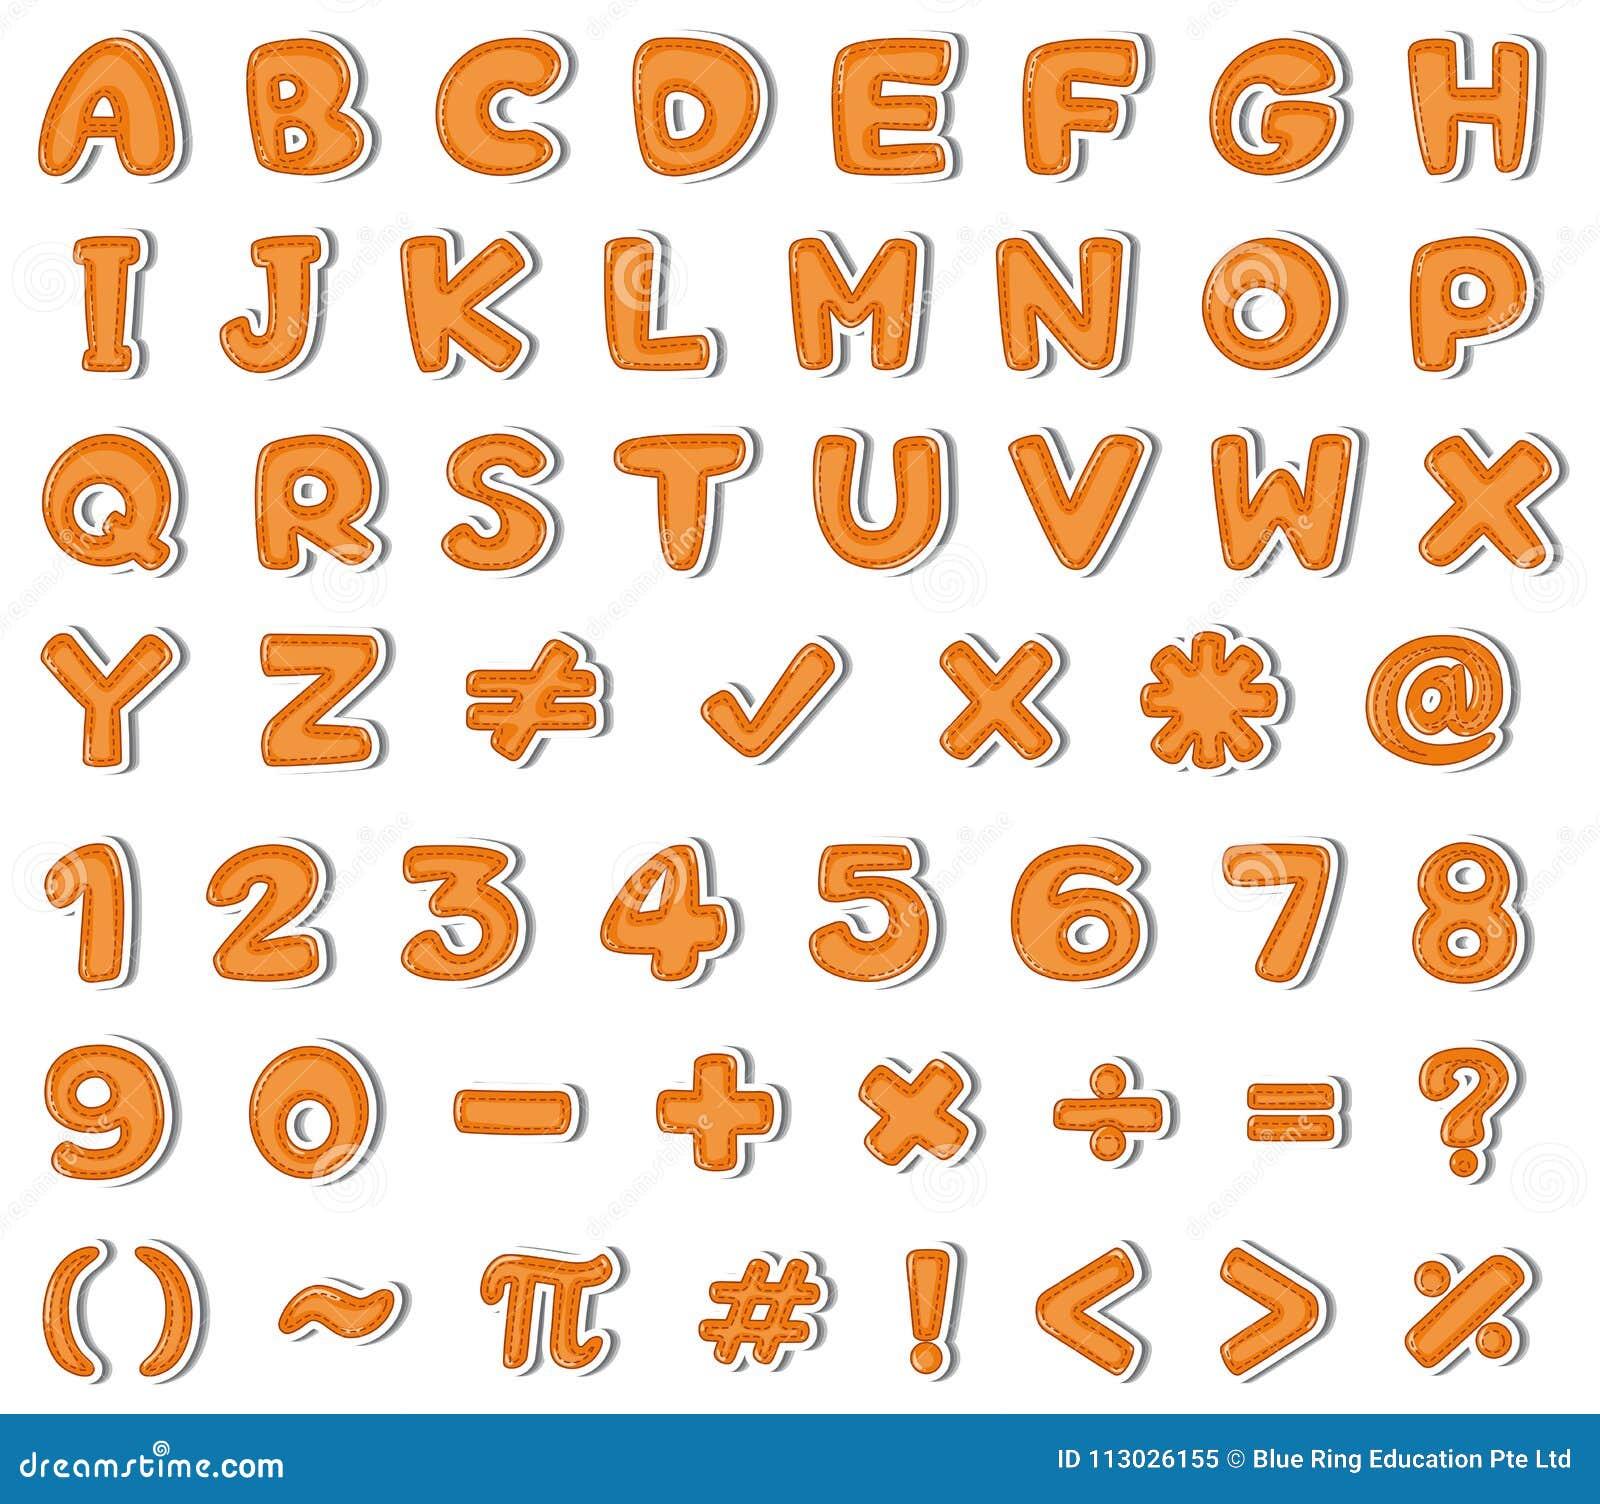 Diseño de la fuente para los alfabetos ingleses y los números en naranja